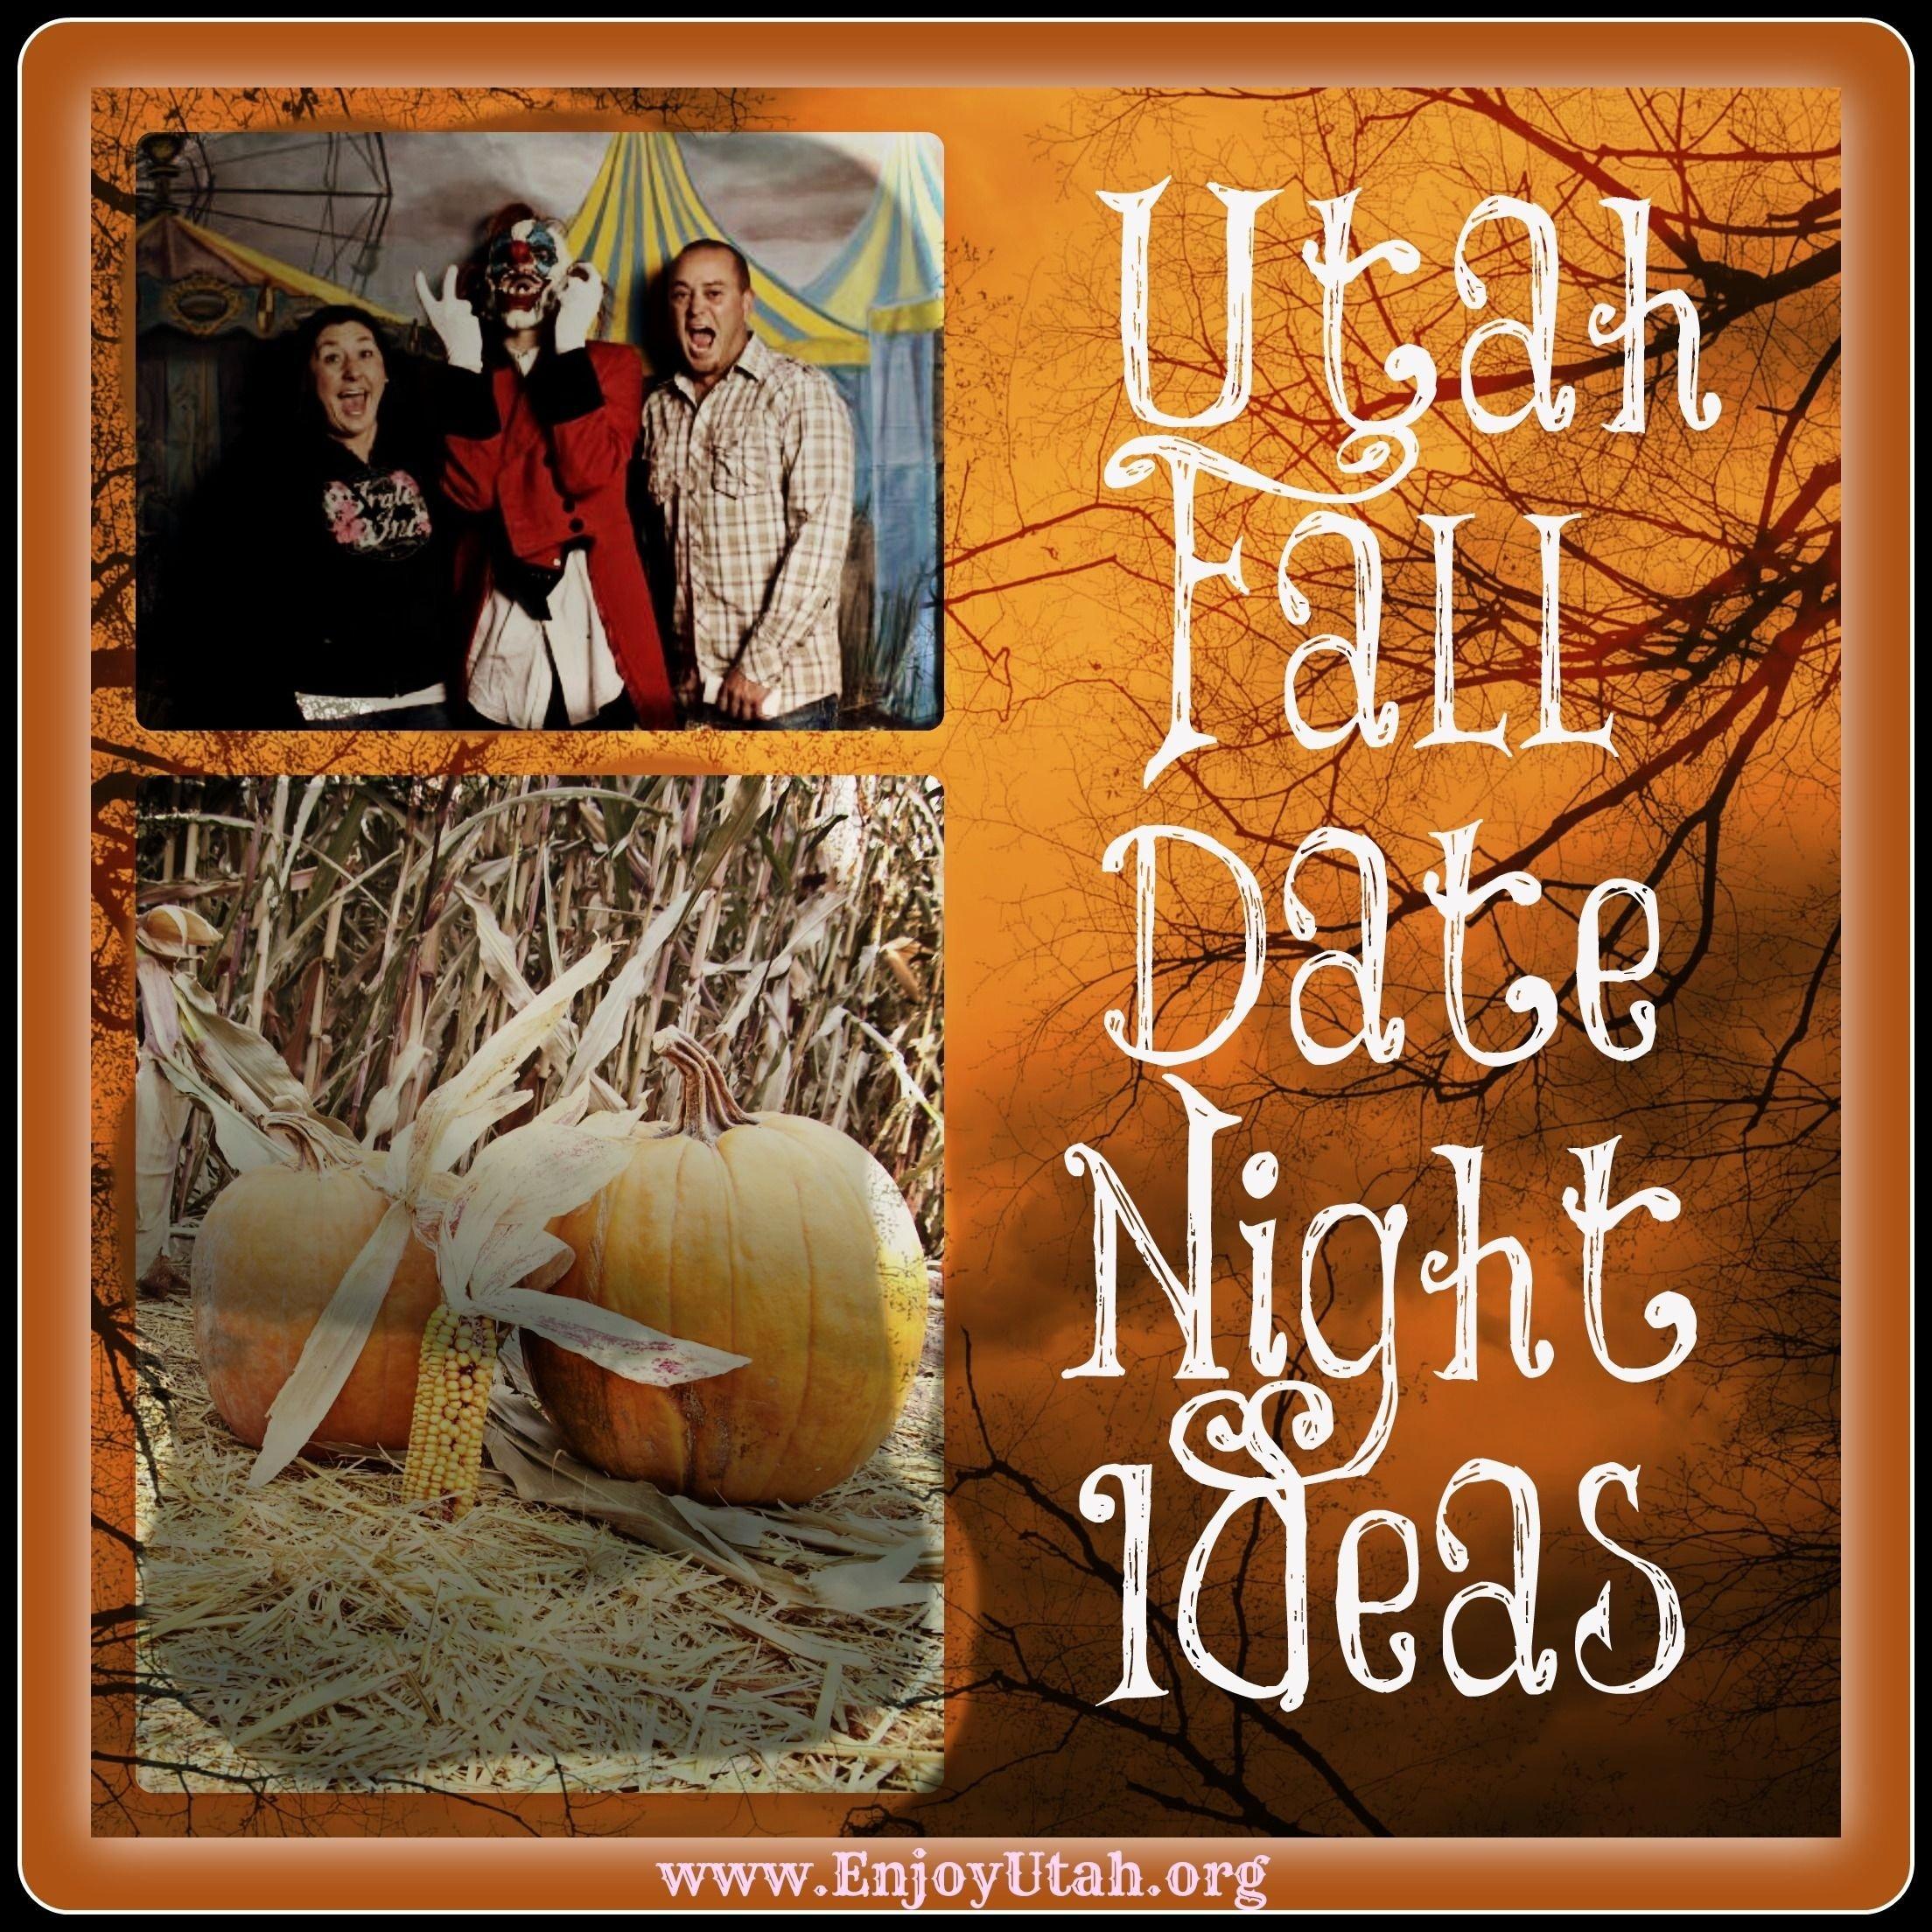 10 unique fun date ideas in utah